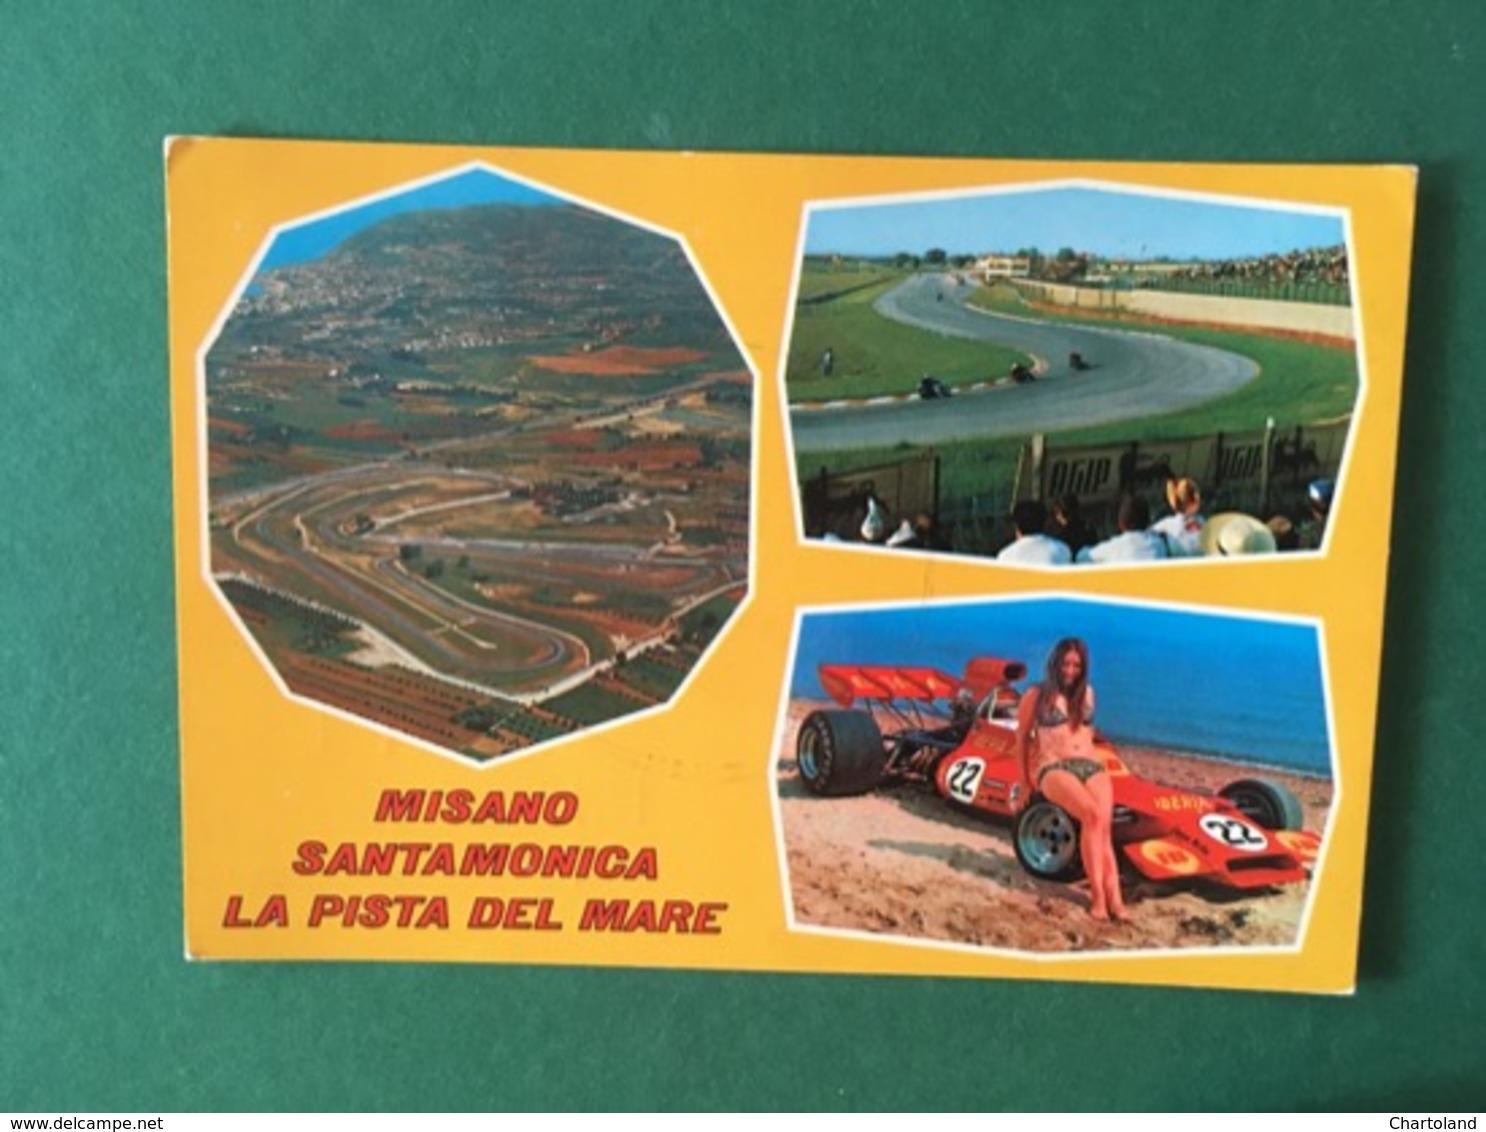 Cartolina Misano - Santamonica - LA Pista Del Mare - 1976 - Rimini